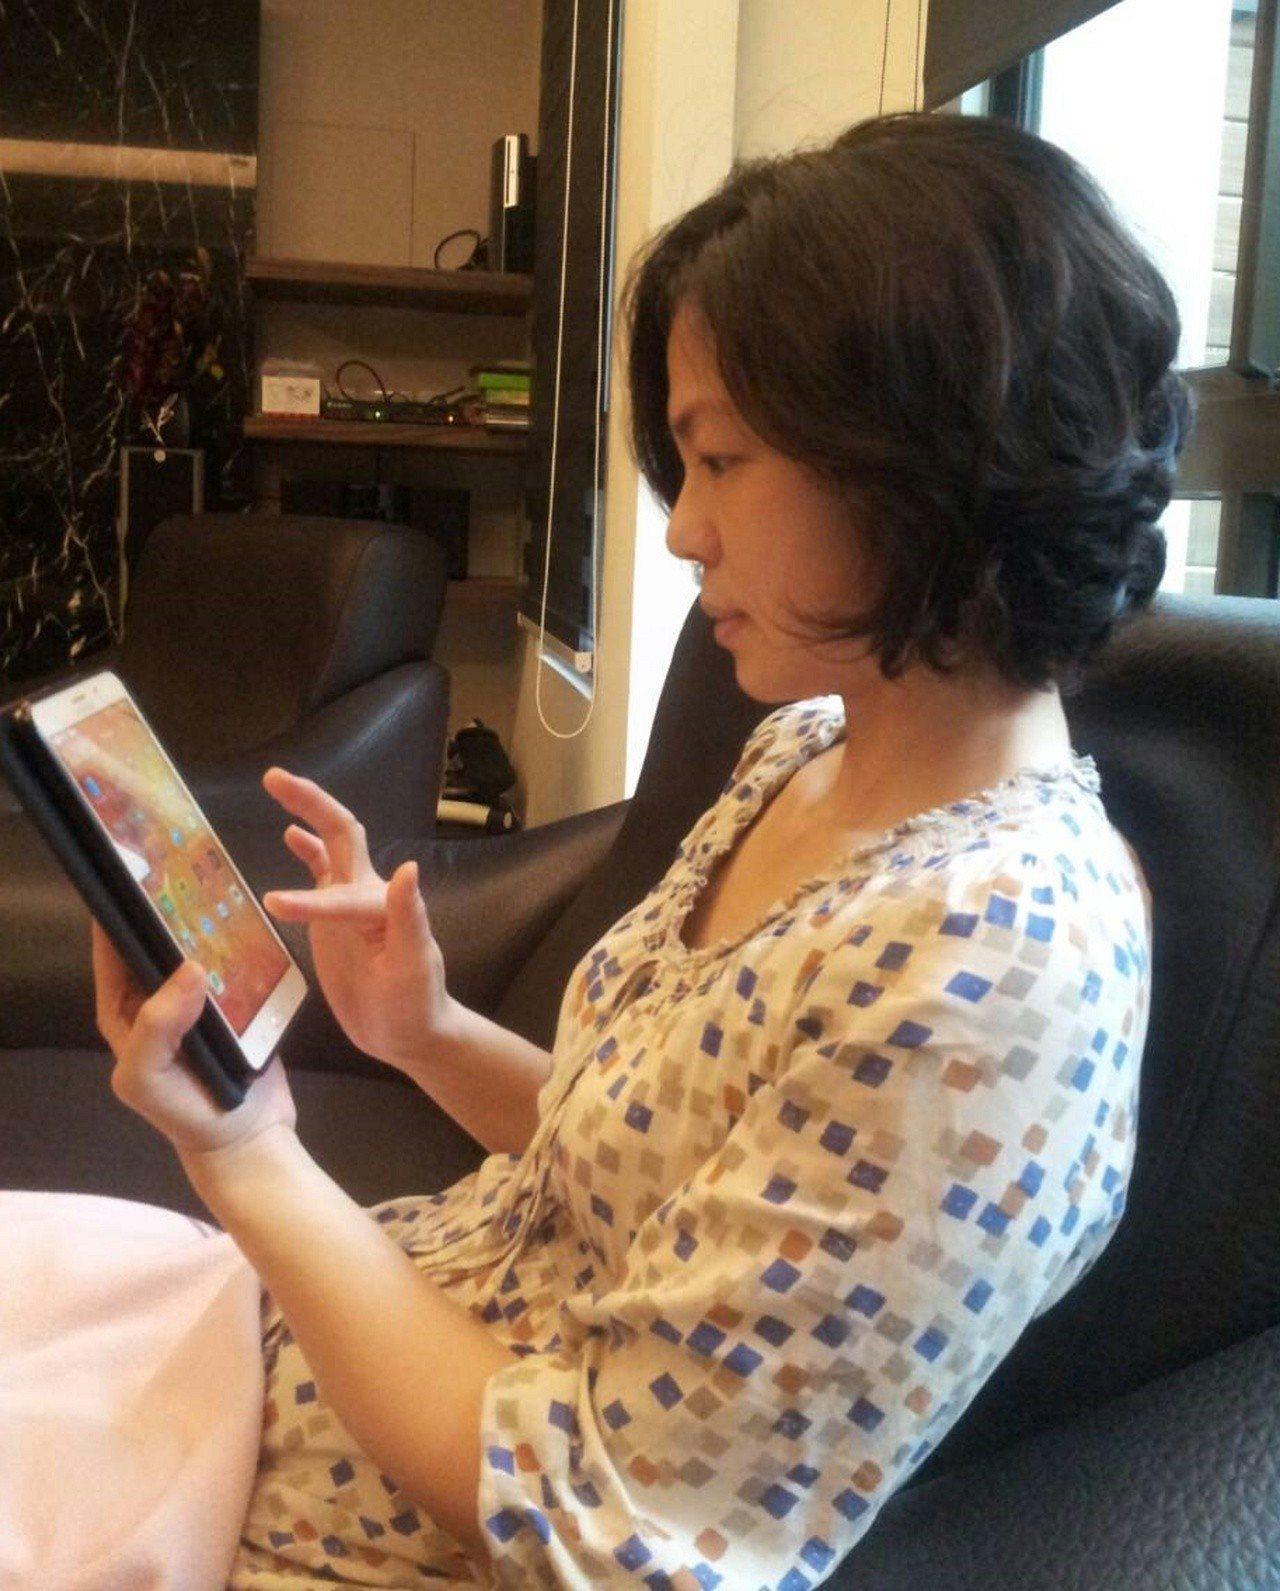 醫師推估,因過度使用手機,造成眩暈症的患者,未來會愈來愈多。 本報資料照片